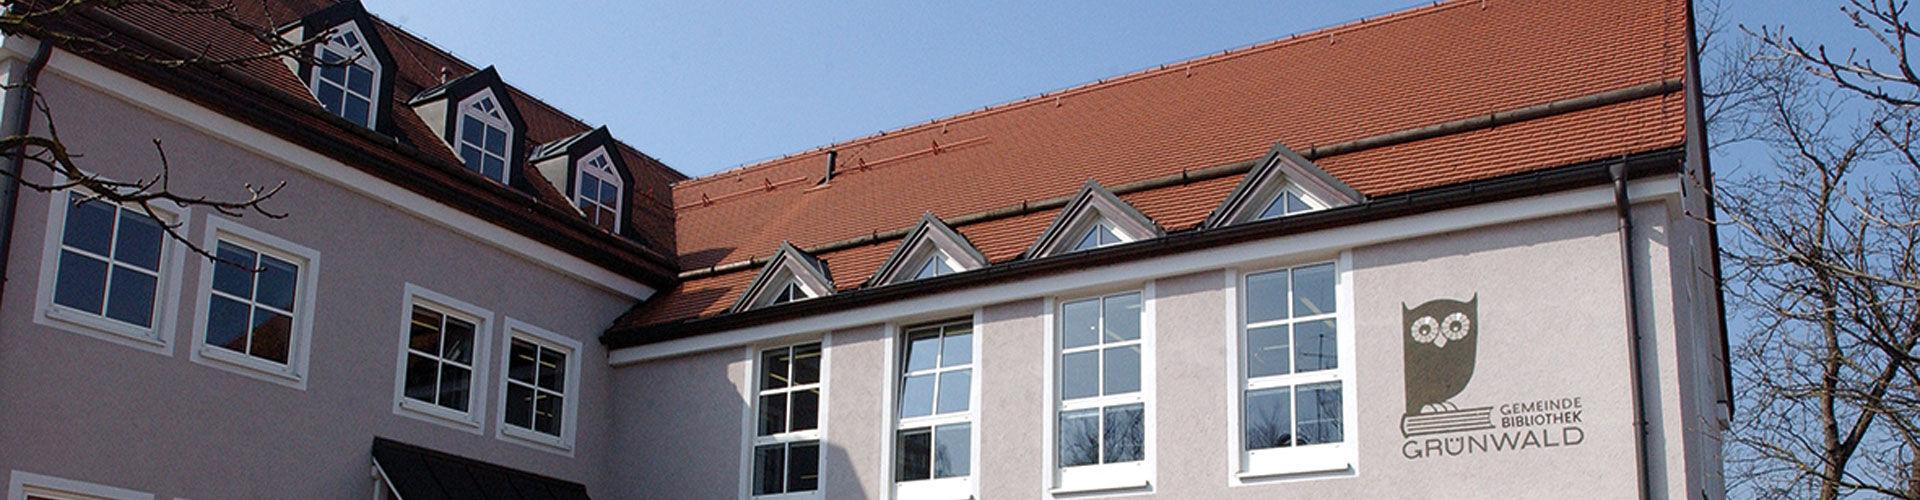 Headerbild1_Bibliothek-Grünwald